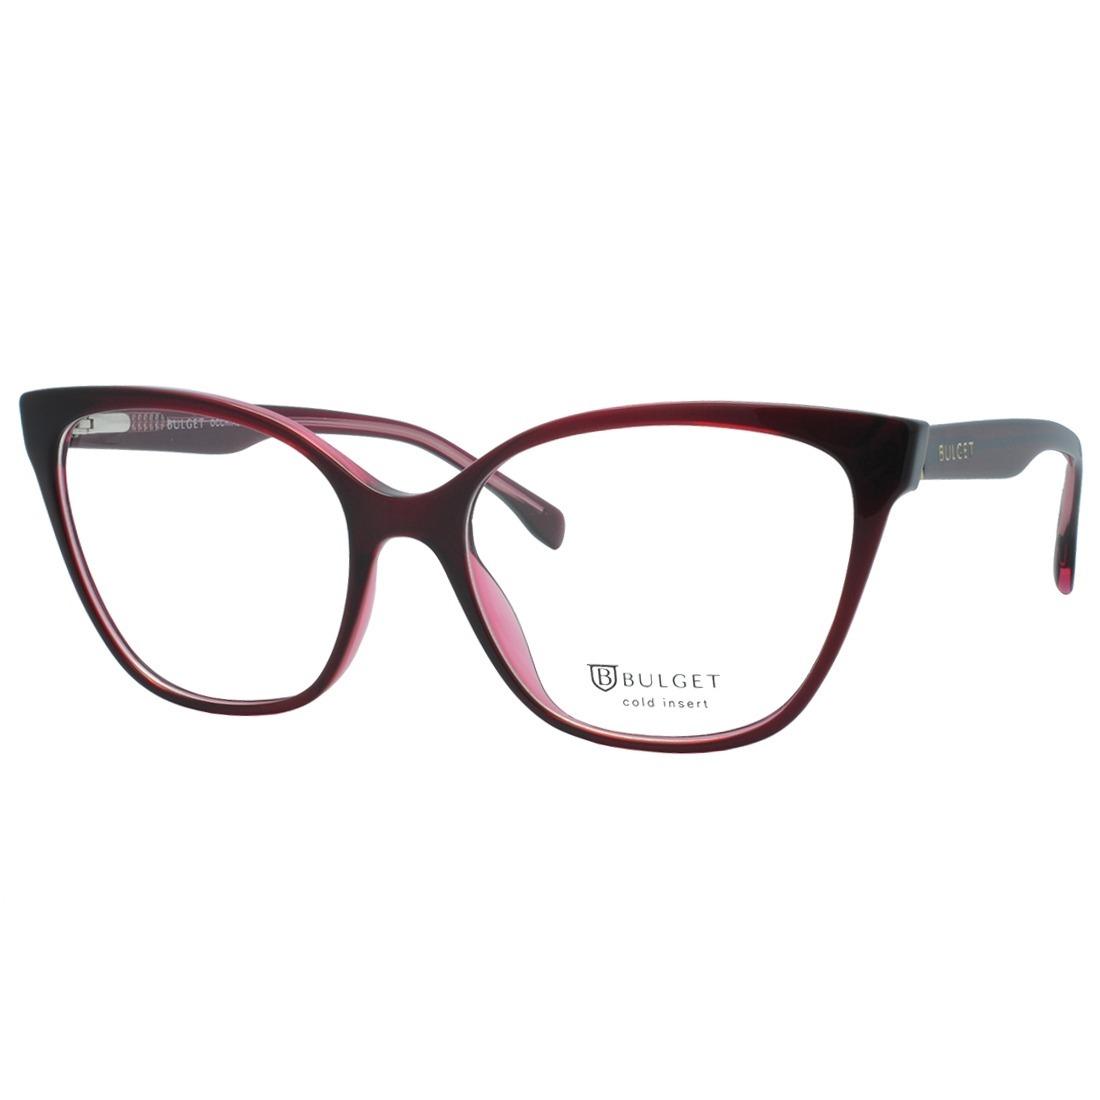 ae35c958d Armação Óculos De Grau Bulget Feminino Bg6282i H01 - R$ 260,45 em ...